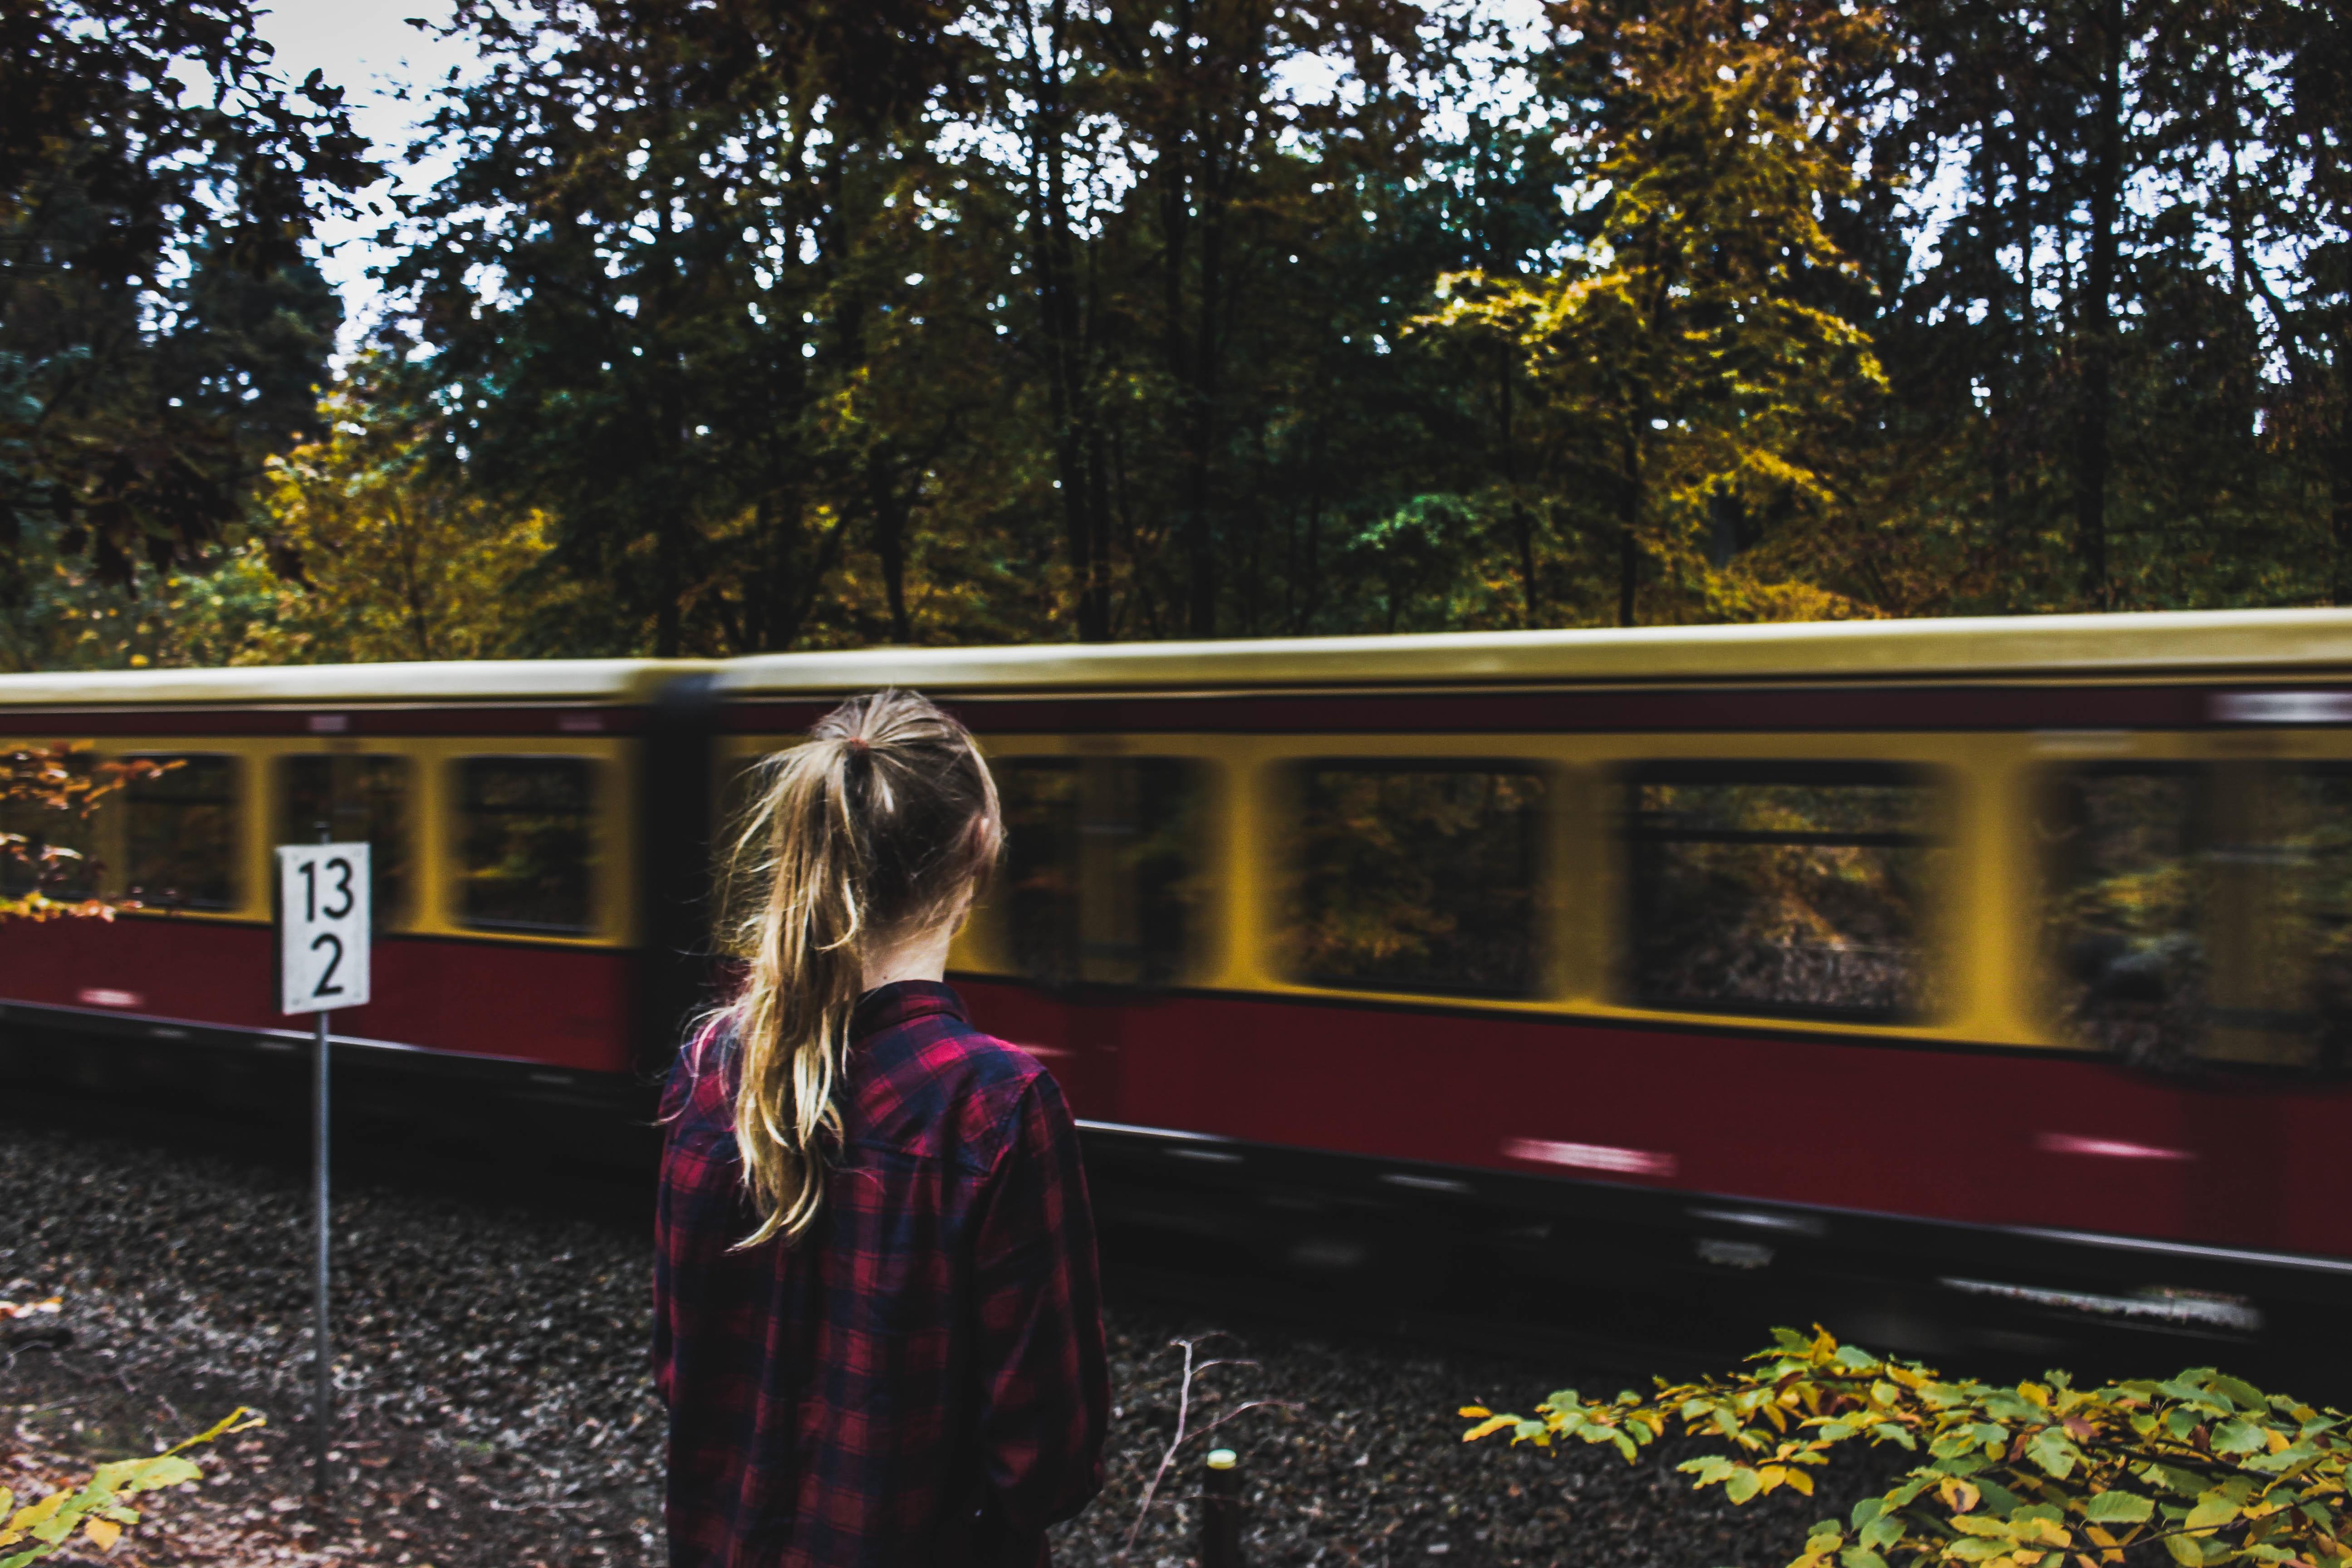 смотреть весь сборник женских поезд сменили